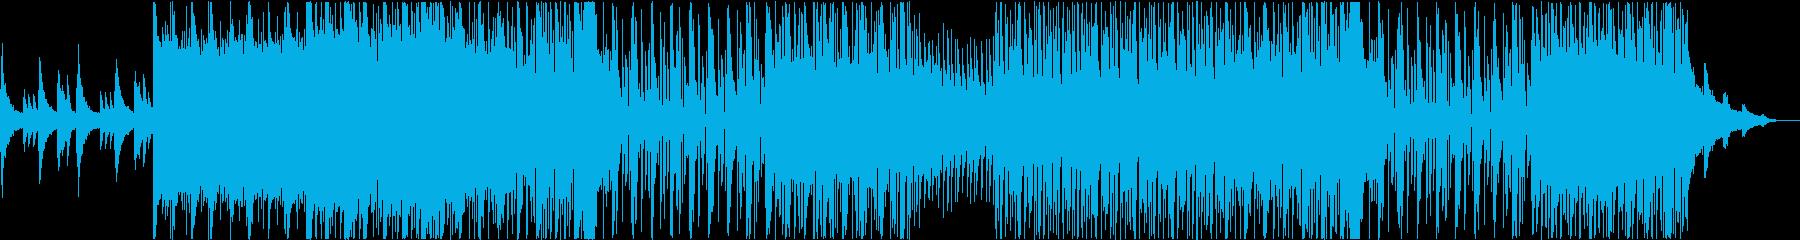 爽やかなピアノとシンセのエレクトロポップの再生済みの波形